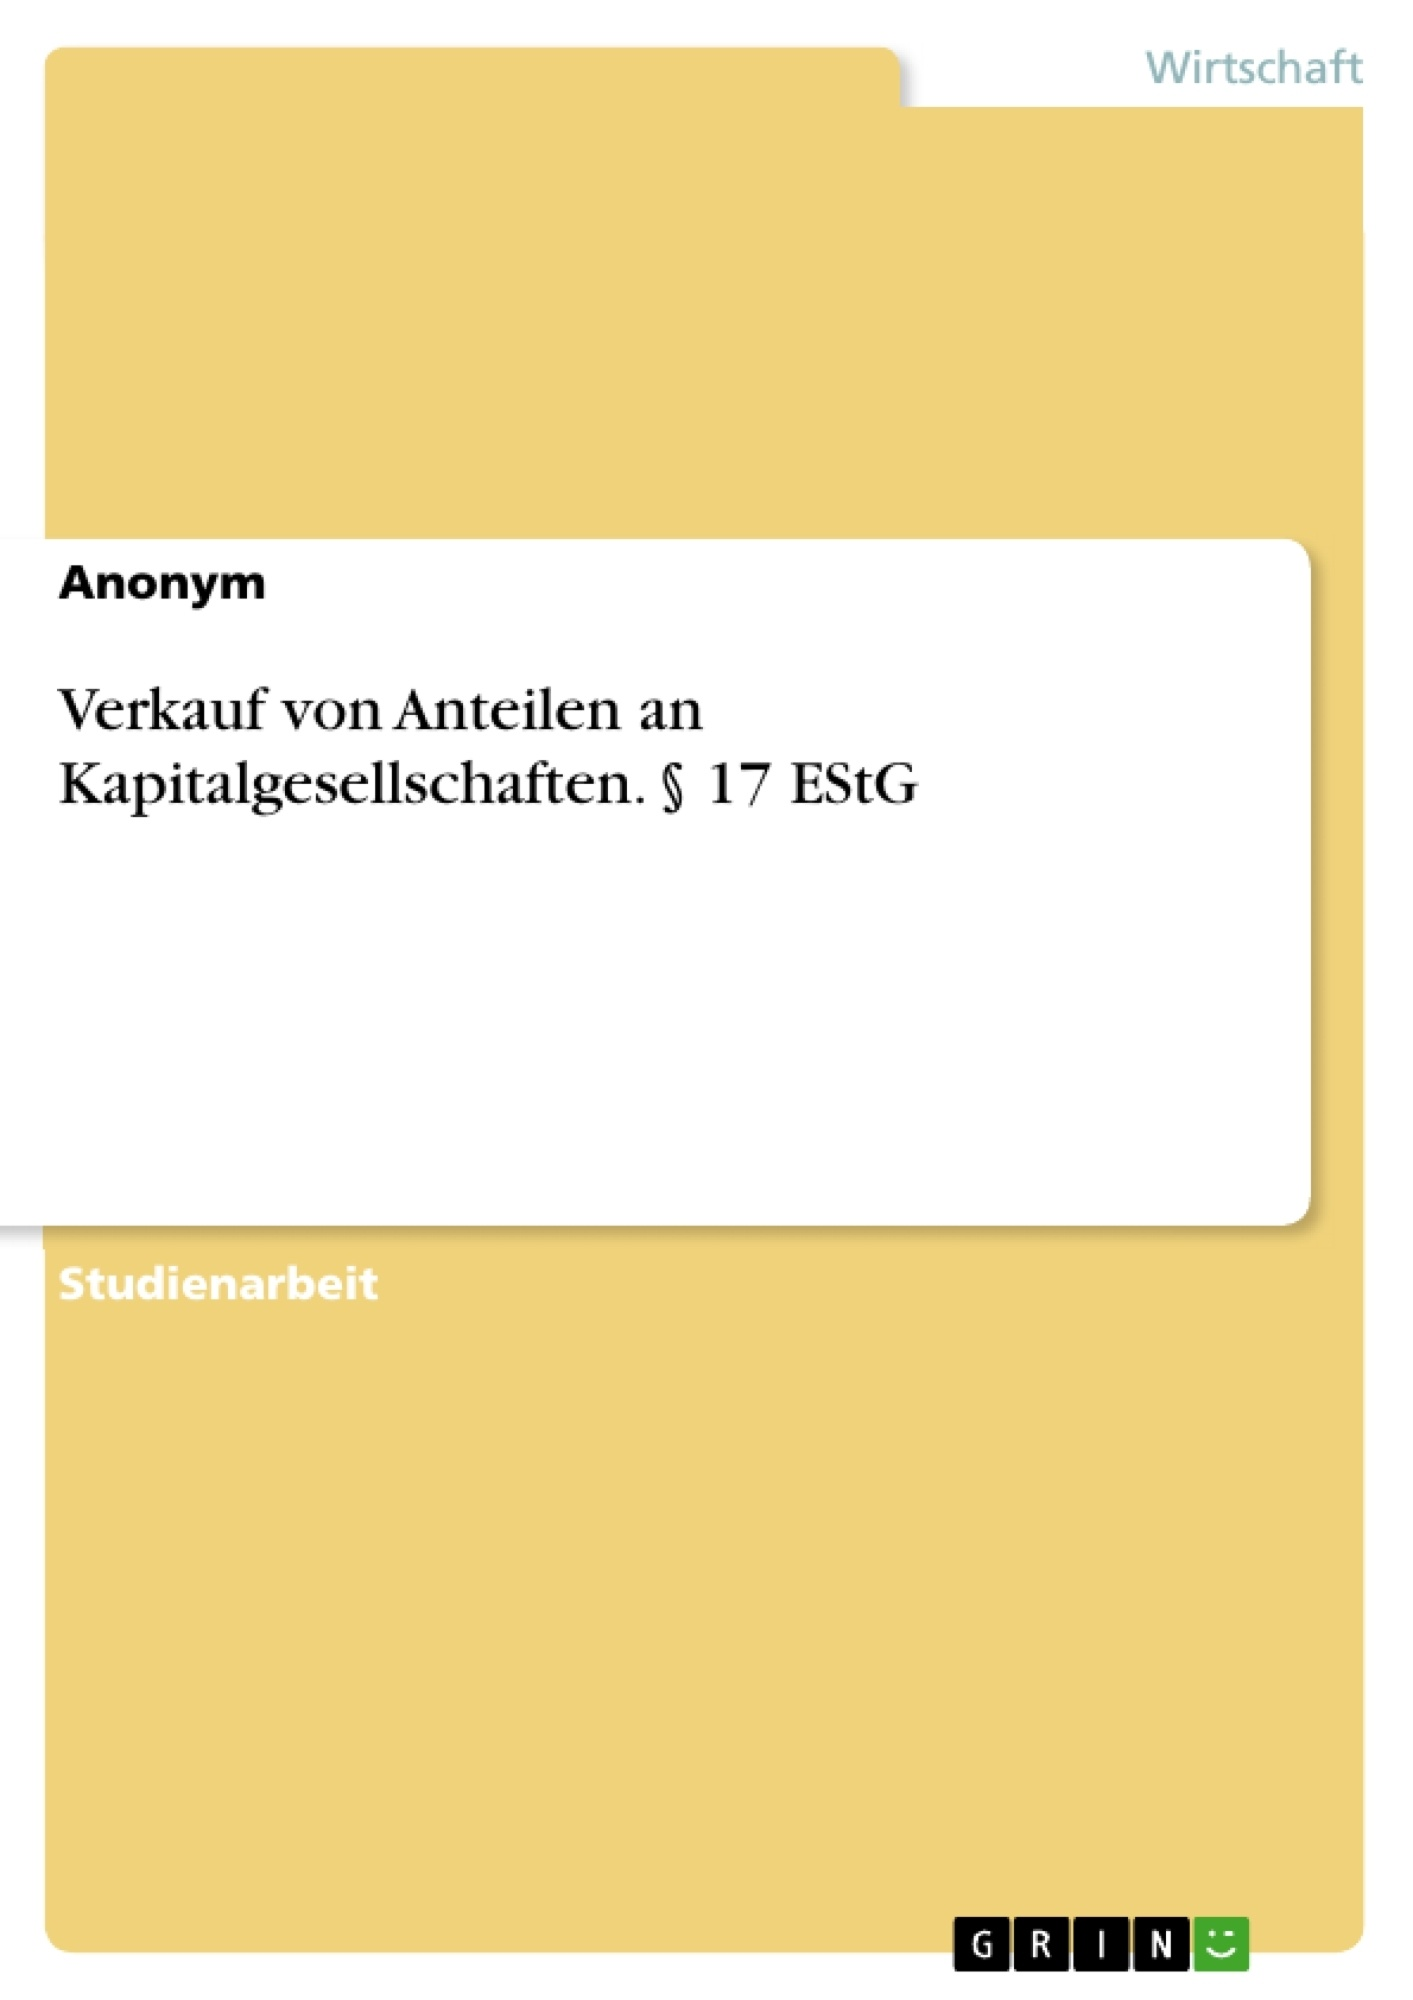 Titel: Verkauf von Anteilen an Kapitalgesellschaften. § 17 EStG